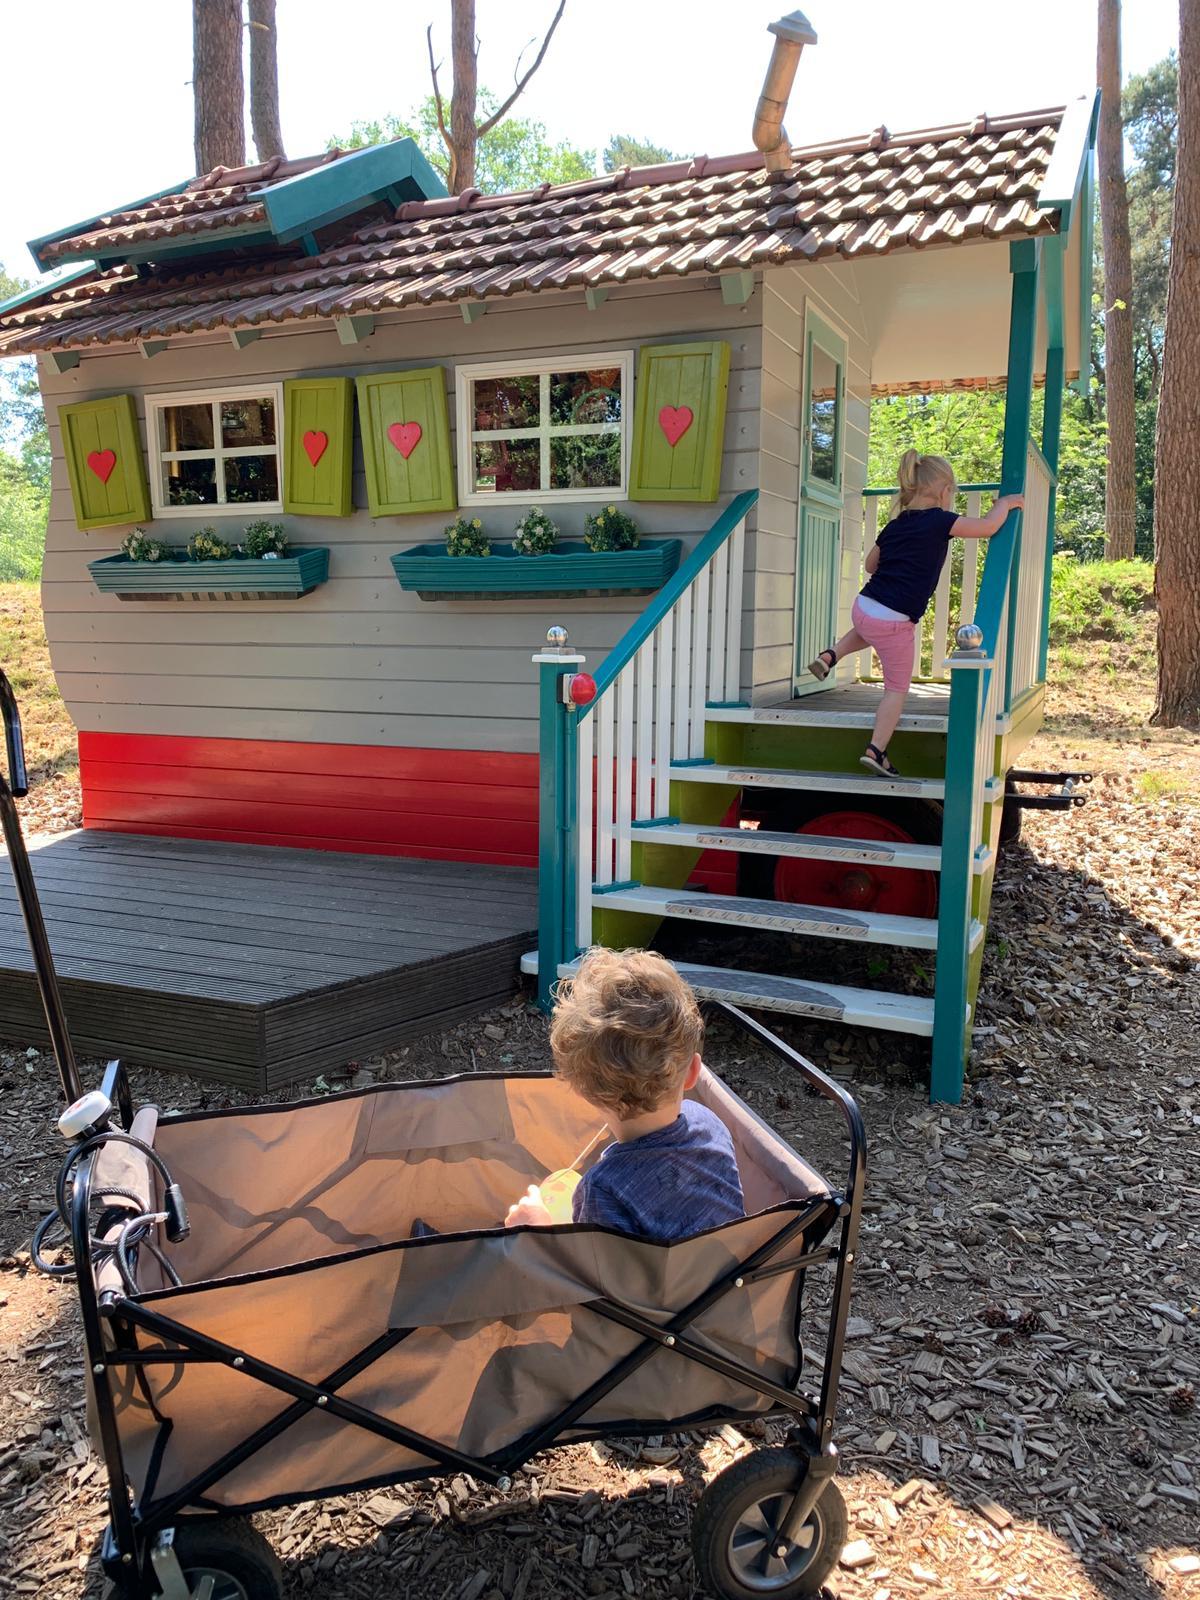 Landal-Het-Vennebos-kinderen-kinderbungalow-subtropisch-zwembad-kinderboerderij